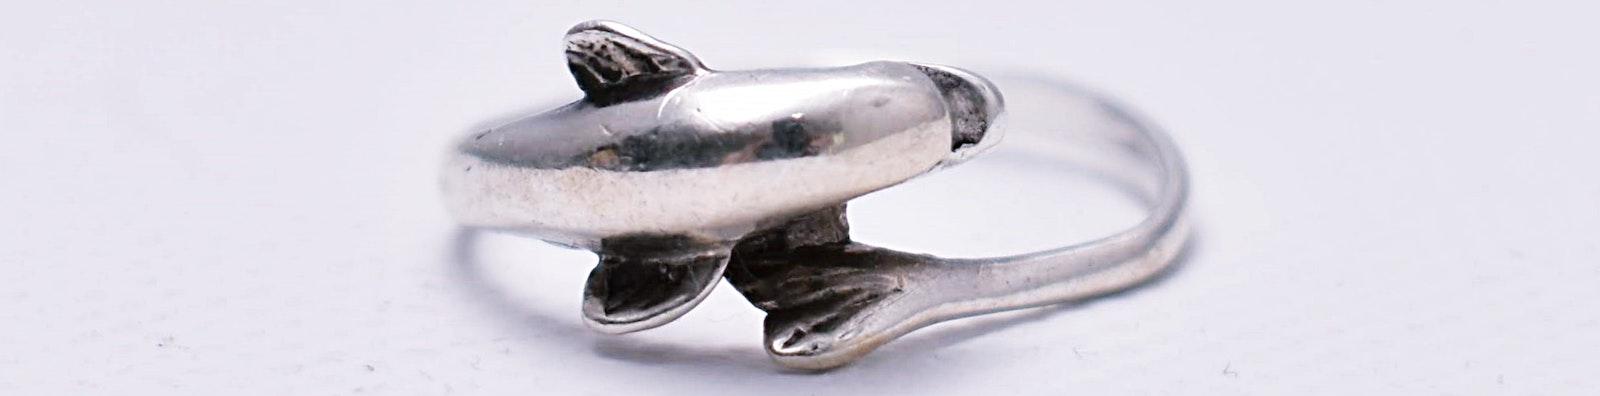 Platinum jewelry for the platinum return calculator